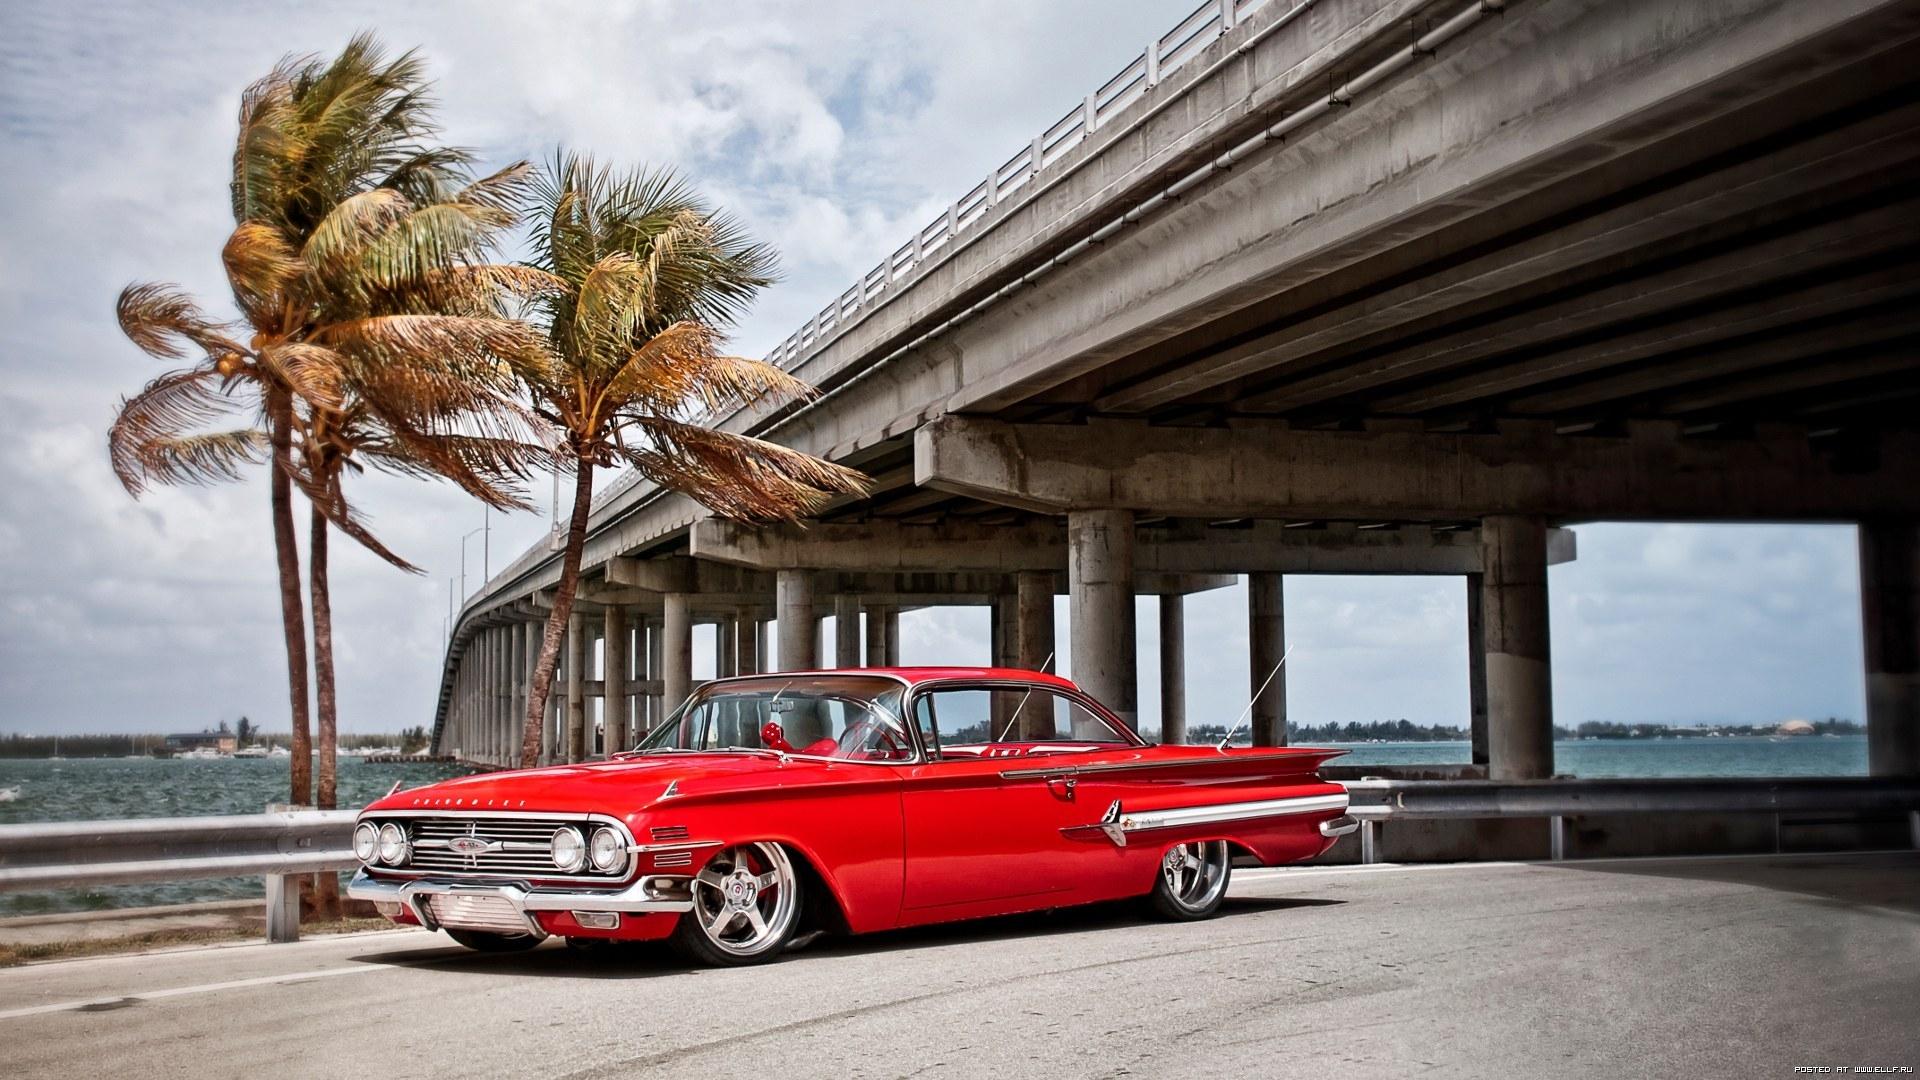 24138 скачать обои Транспорт, Машины, Шевроле (Chevrolet) - заставки и картинки бесплатно